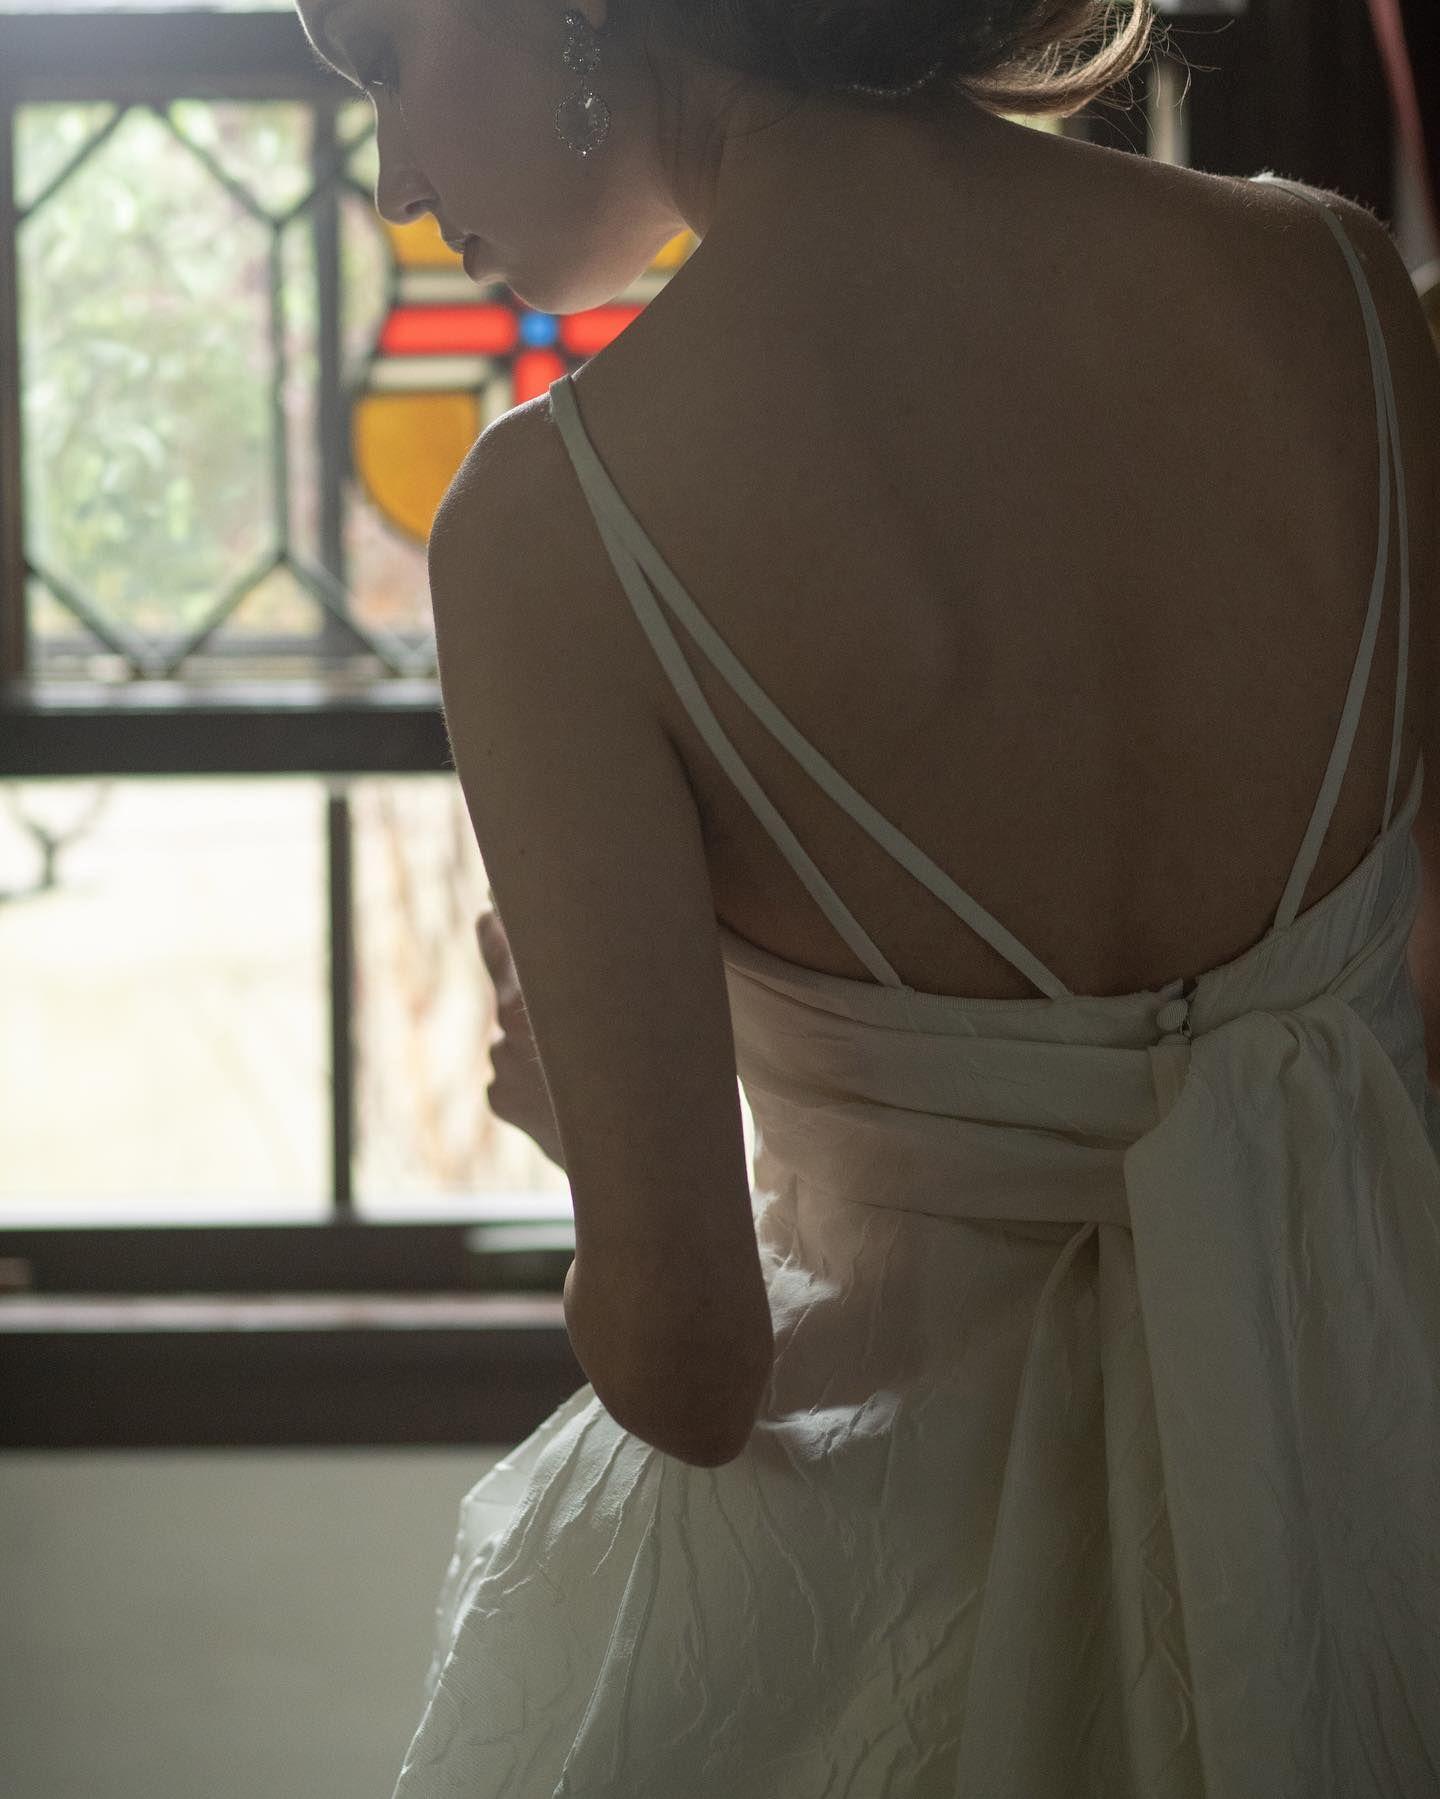 ボード Wedding Dress のピン